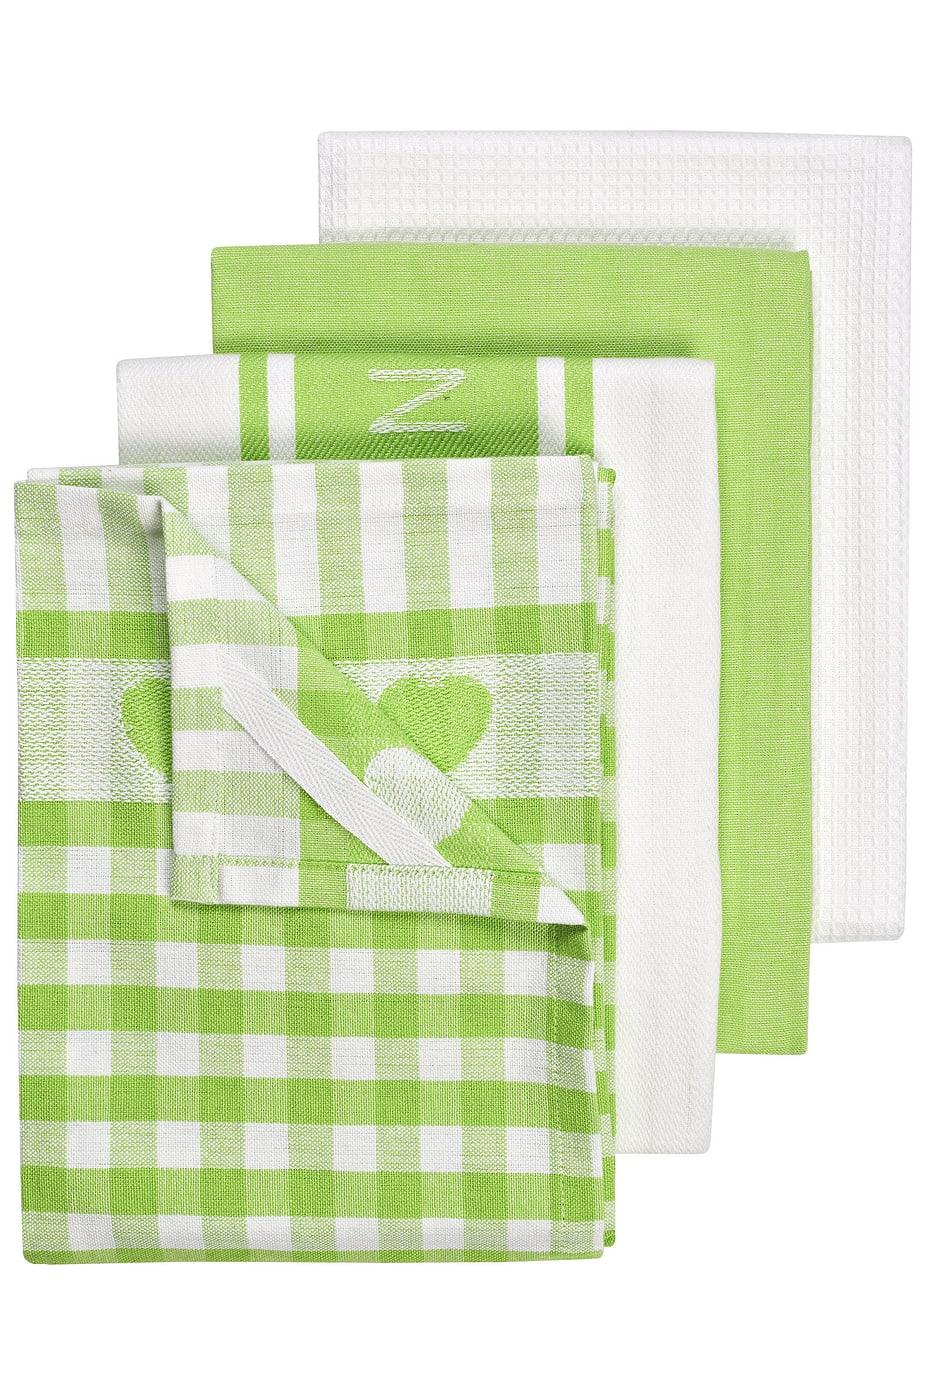 Großzügig Küchentuch Sets Fotos - Küche Set Ideen - deriherusweets.info